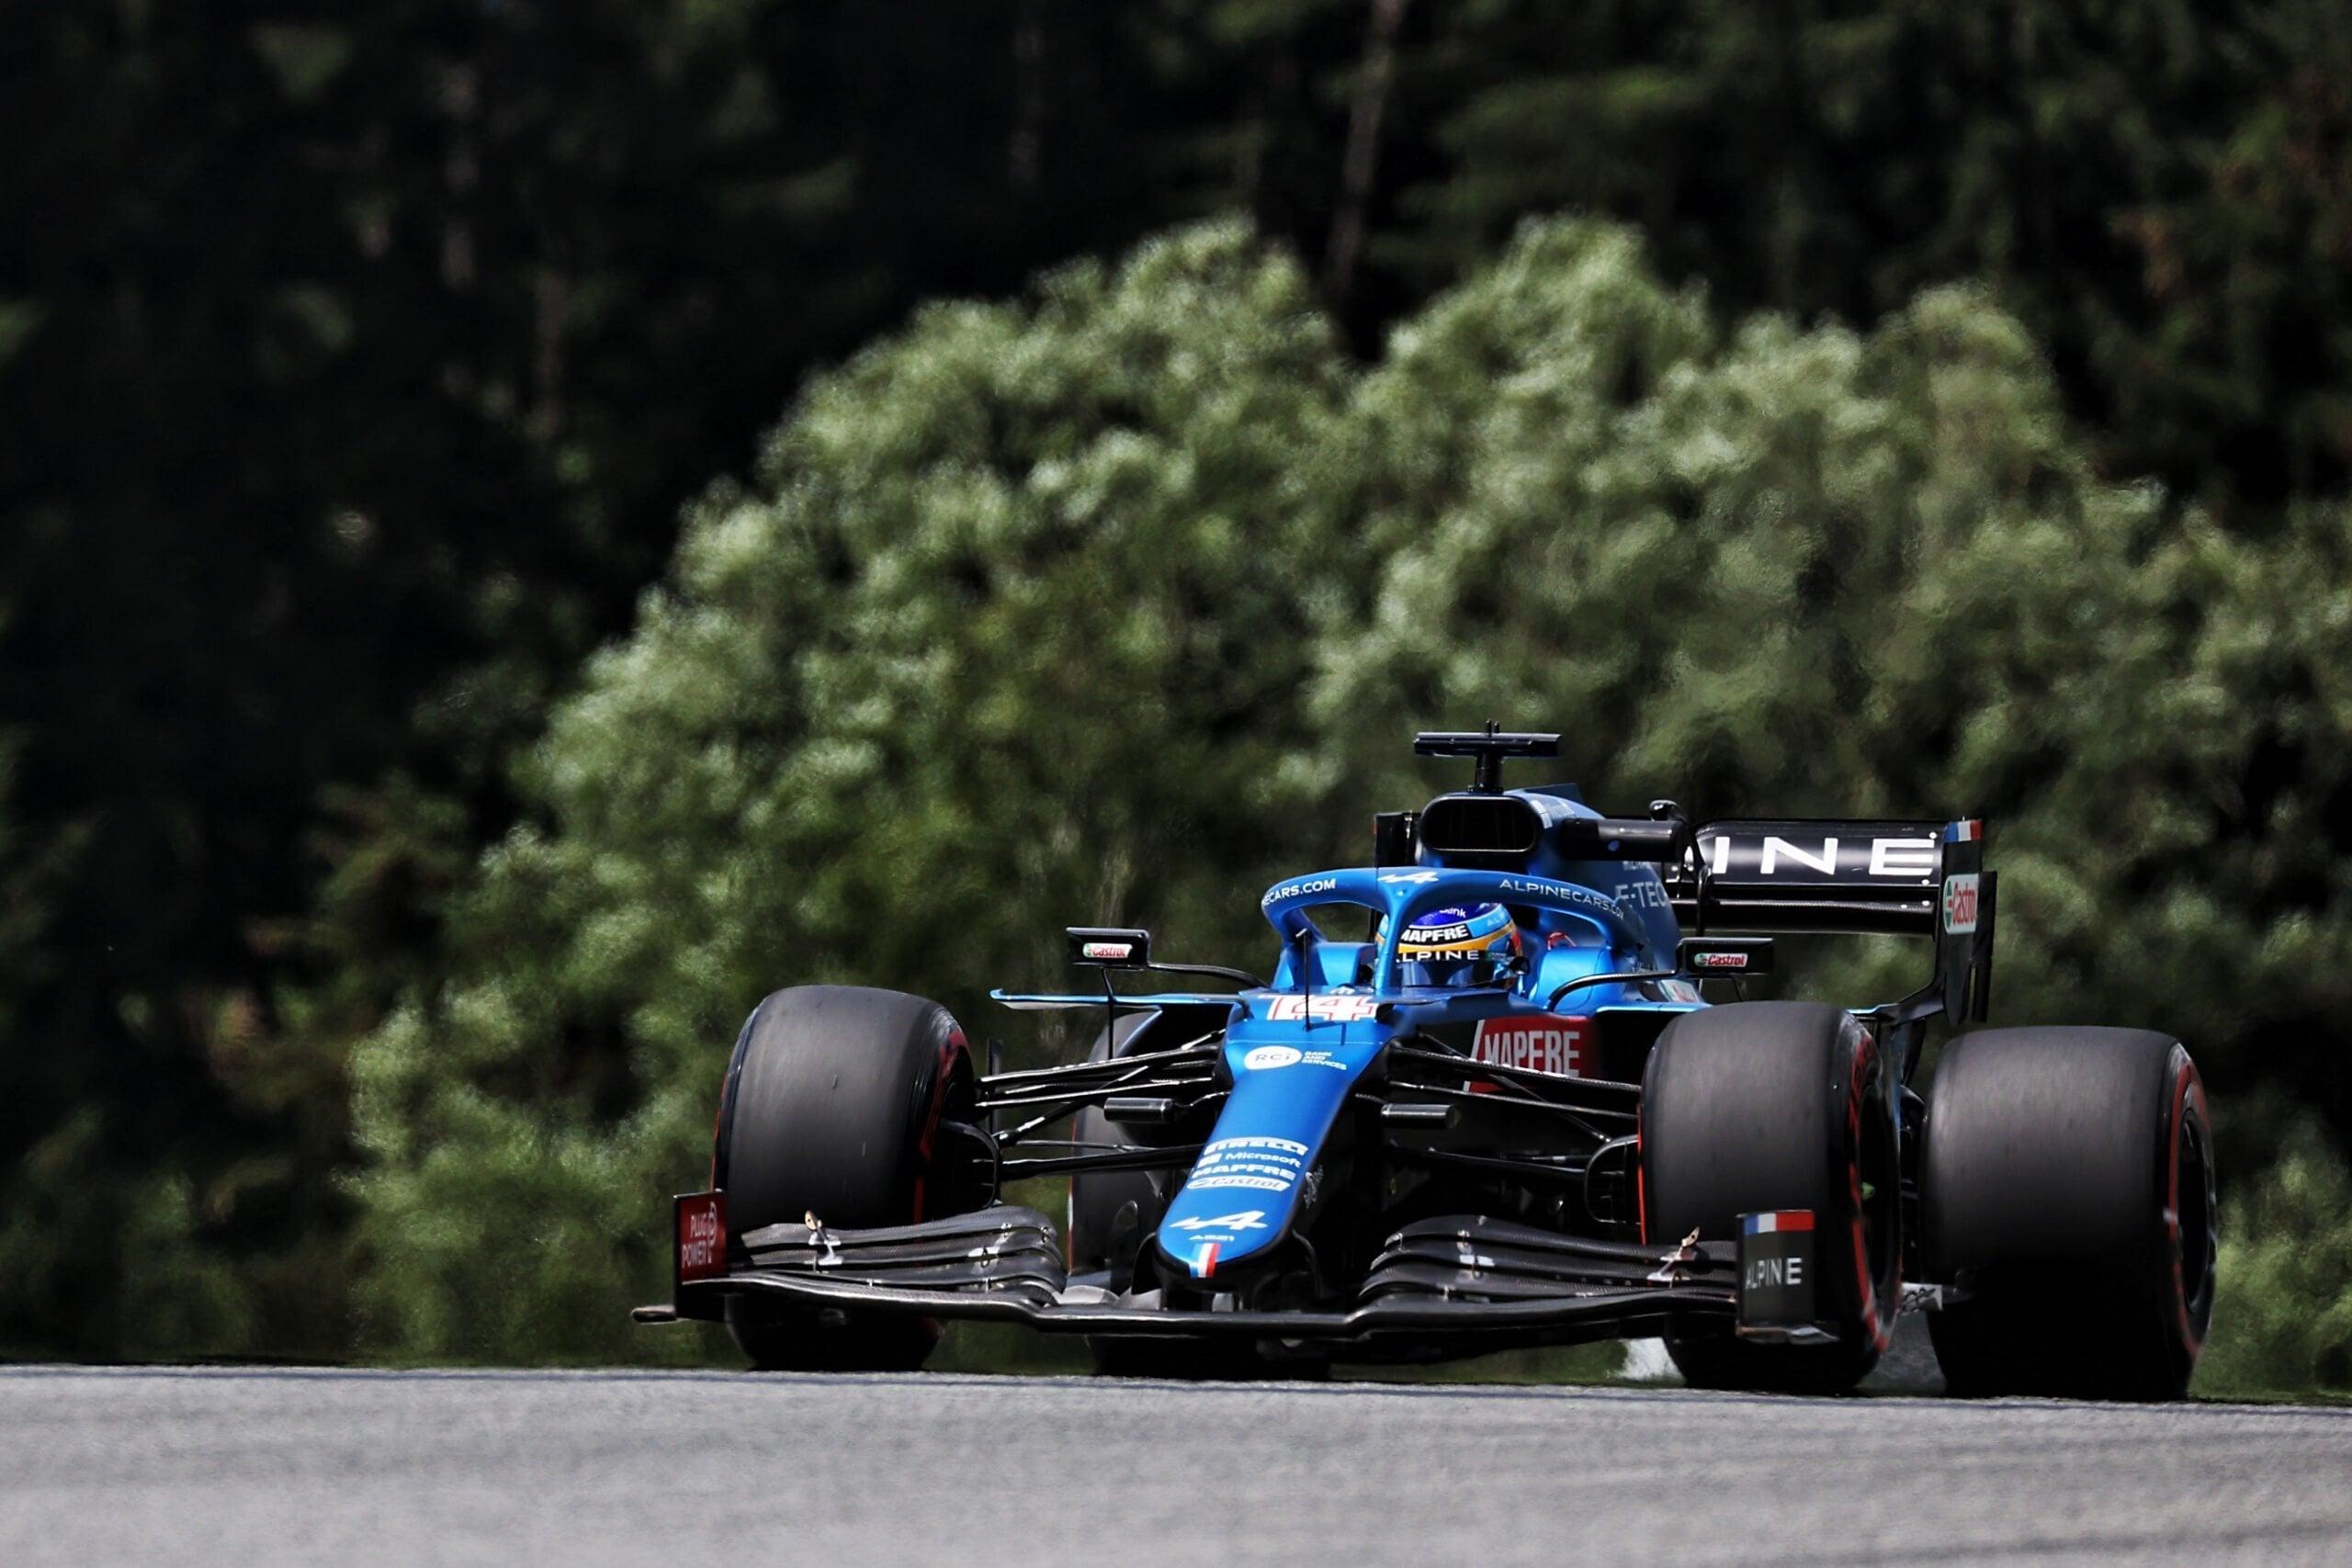 Alpine F1 Team Alonso Ocon Autriche Steiermark Grand Prix Spielberg A521 2021 30 scaled   Alpine F1 : Alonso réitère la Q3 et Ocon trébuche en Q1 à Spielberg